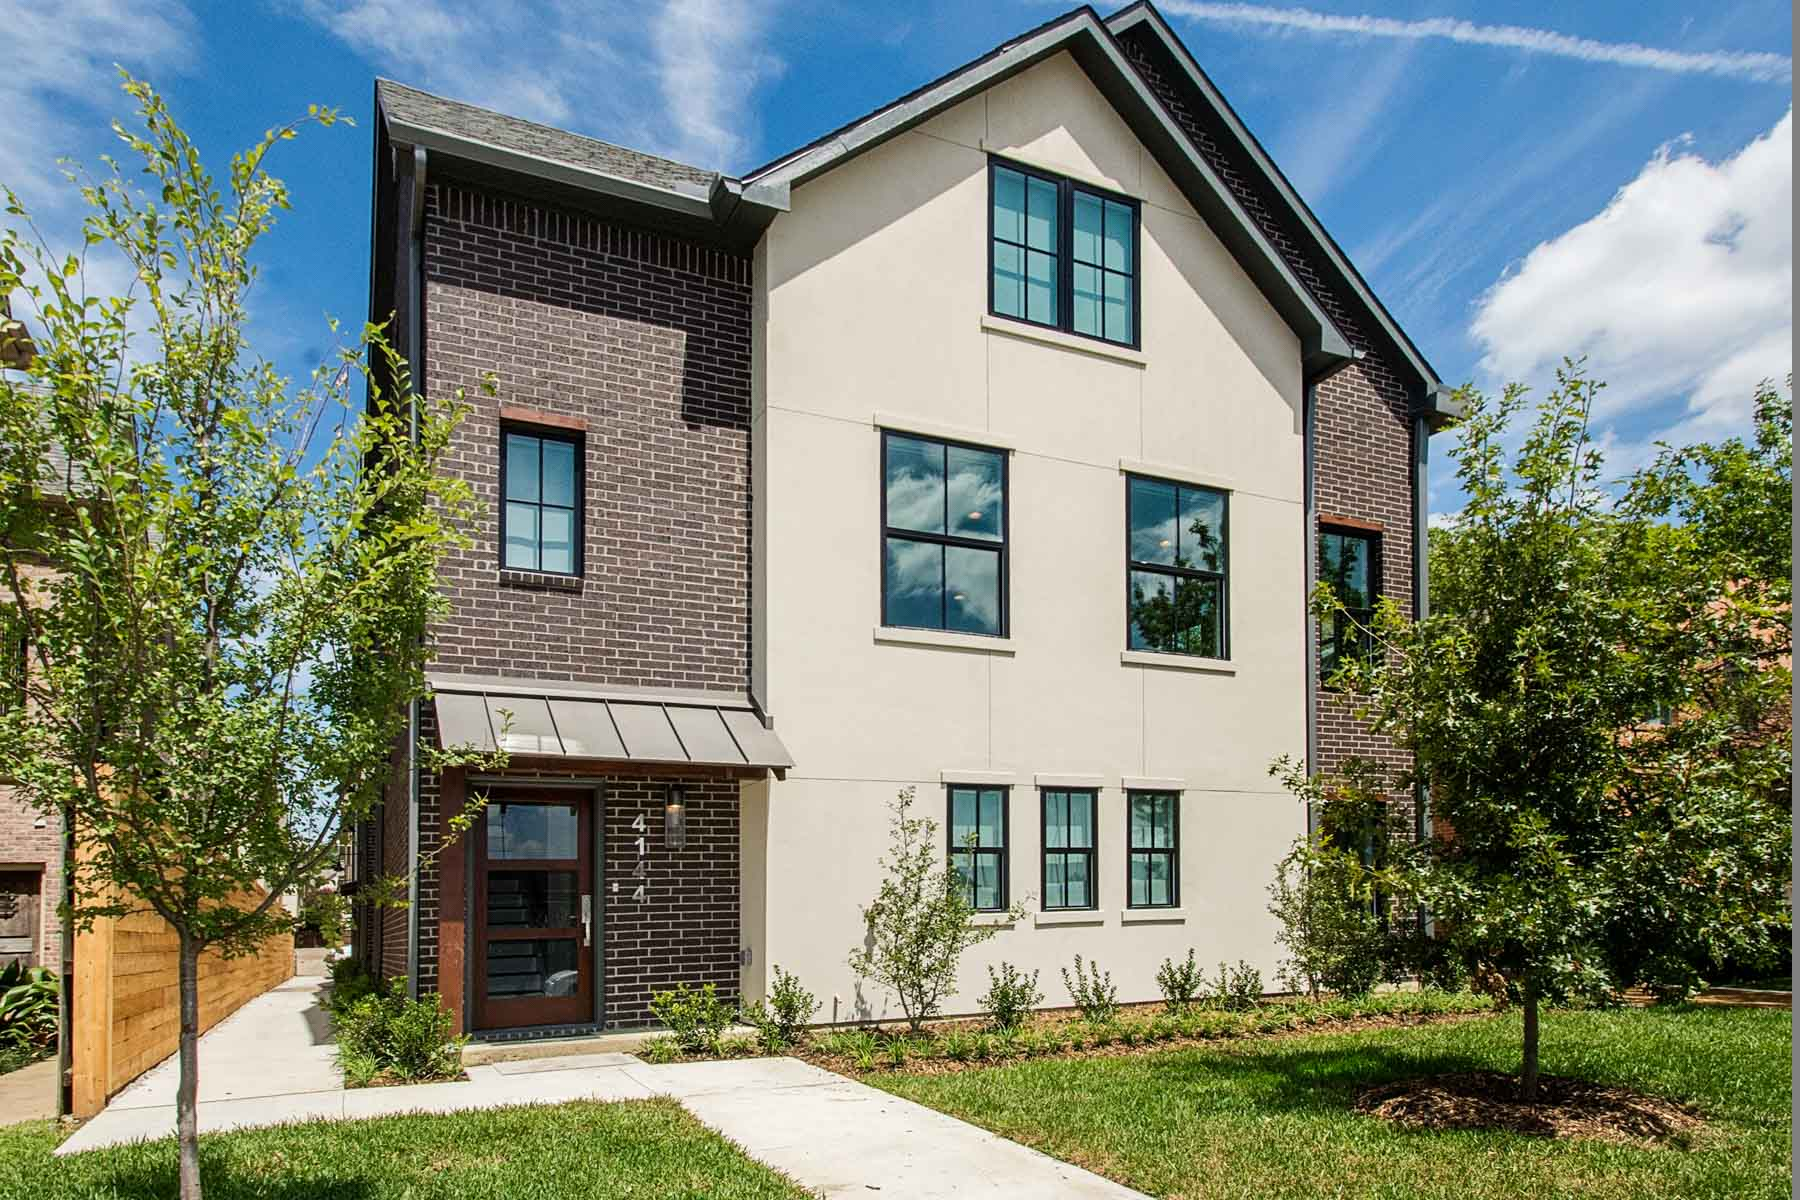 Stadthaus für Verkauf beim Contemporary University Park Townhomes 4144 Druid Lane #1 Dallas, Texas, 75205 Vereinigte Staaten